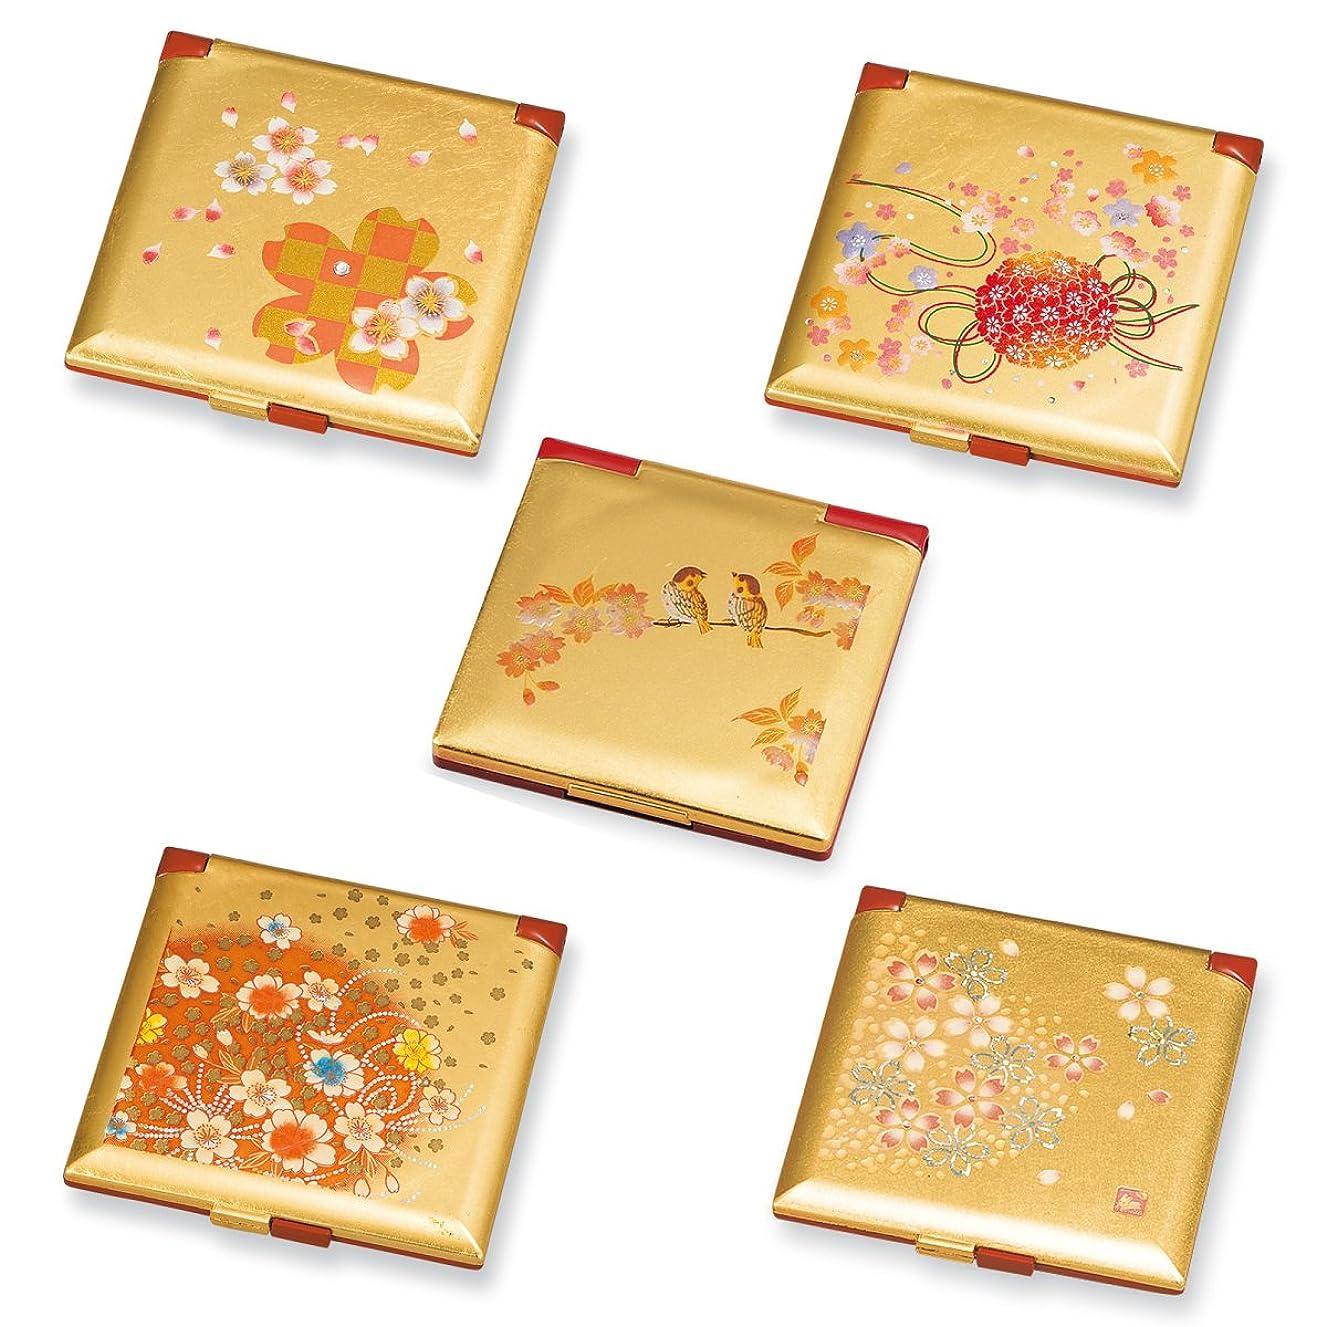 専門送金本物の手鏡 ハンドミラー 和風 和柄 箔工芸 角コンパクトミラー(京てまり)